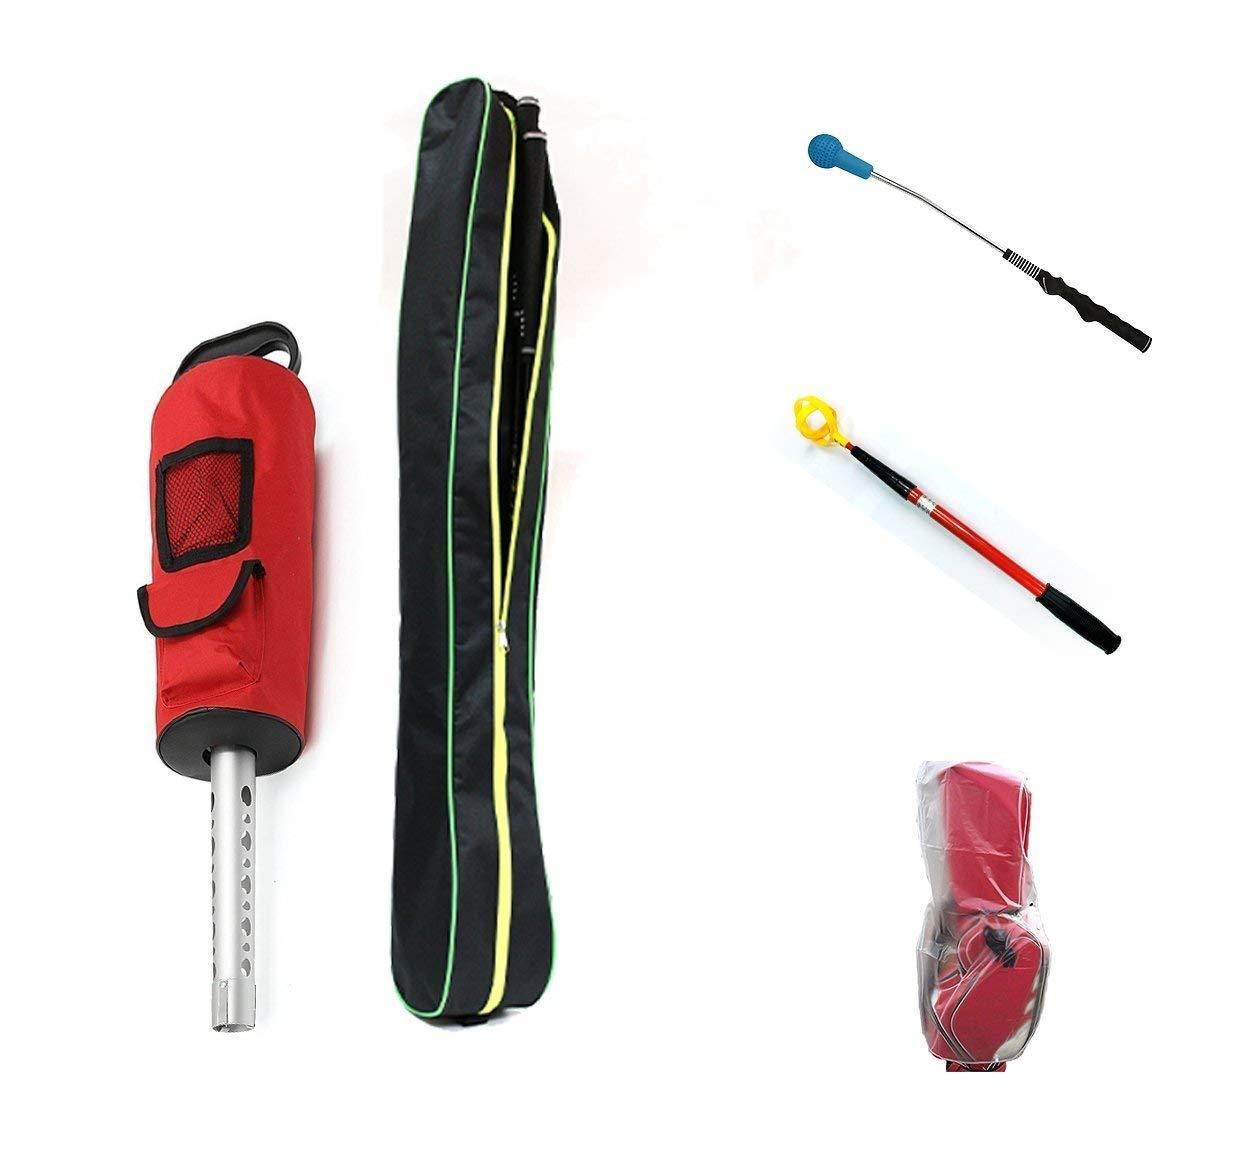 af42fcc2457a Cheap Golf Bags Lightweight Carry, find Golf Bags Lightweight Carry ...